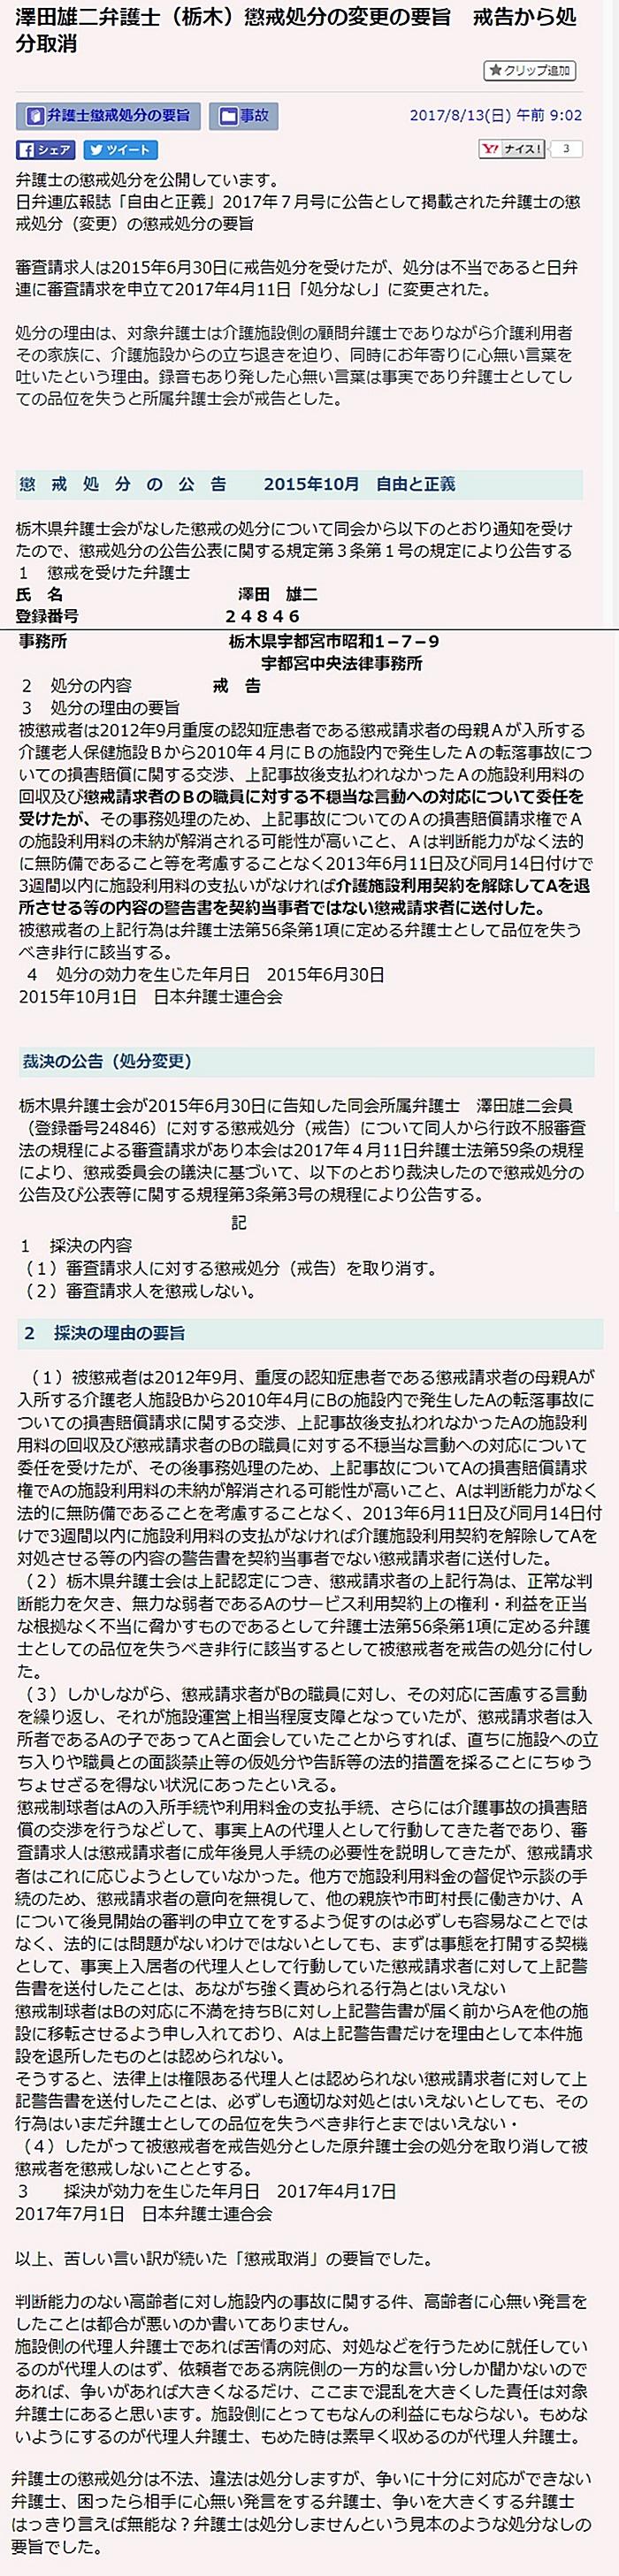 被告澤田雄二弁護士 宇都宮中央法律事務所 日本弁護士連合会